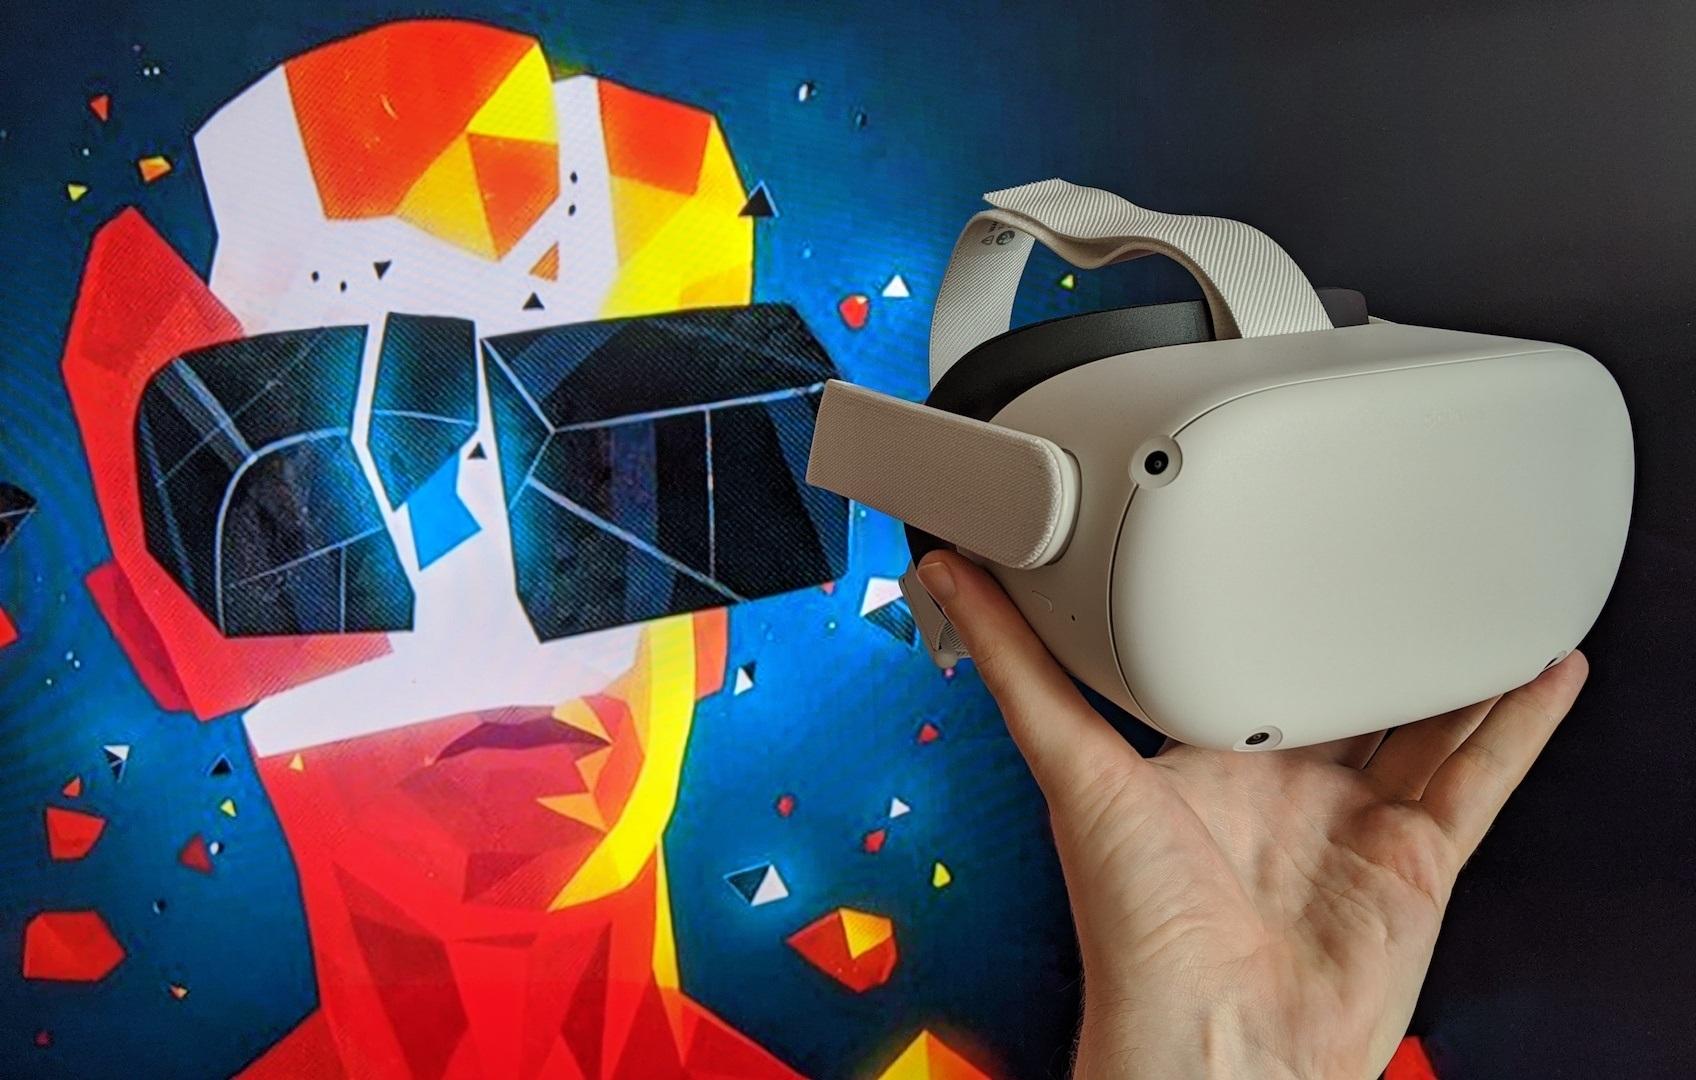 برگزاری اولین رویداد بازی واقعیت مجازی Oculus